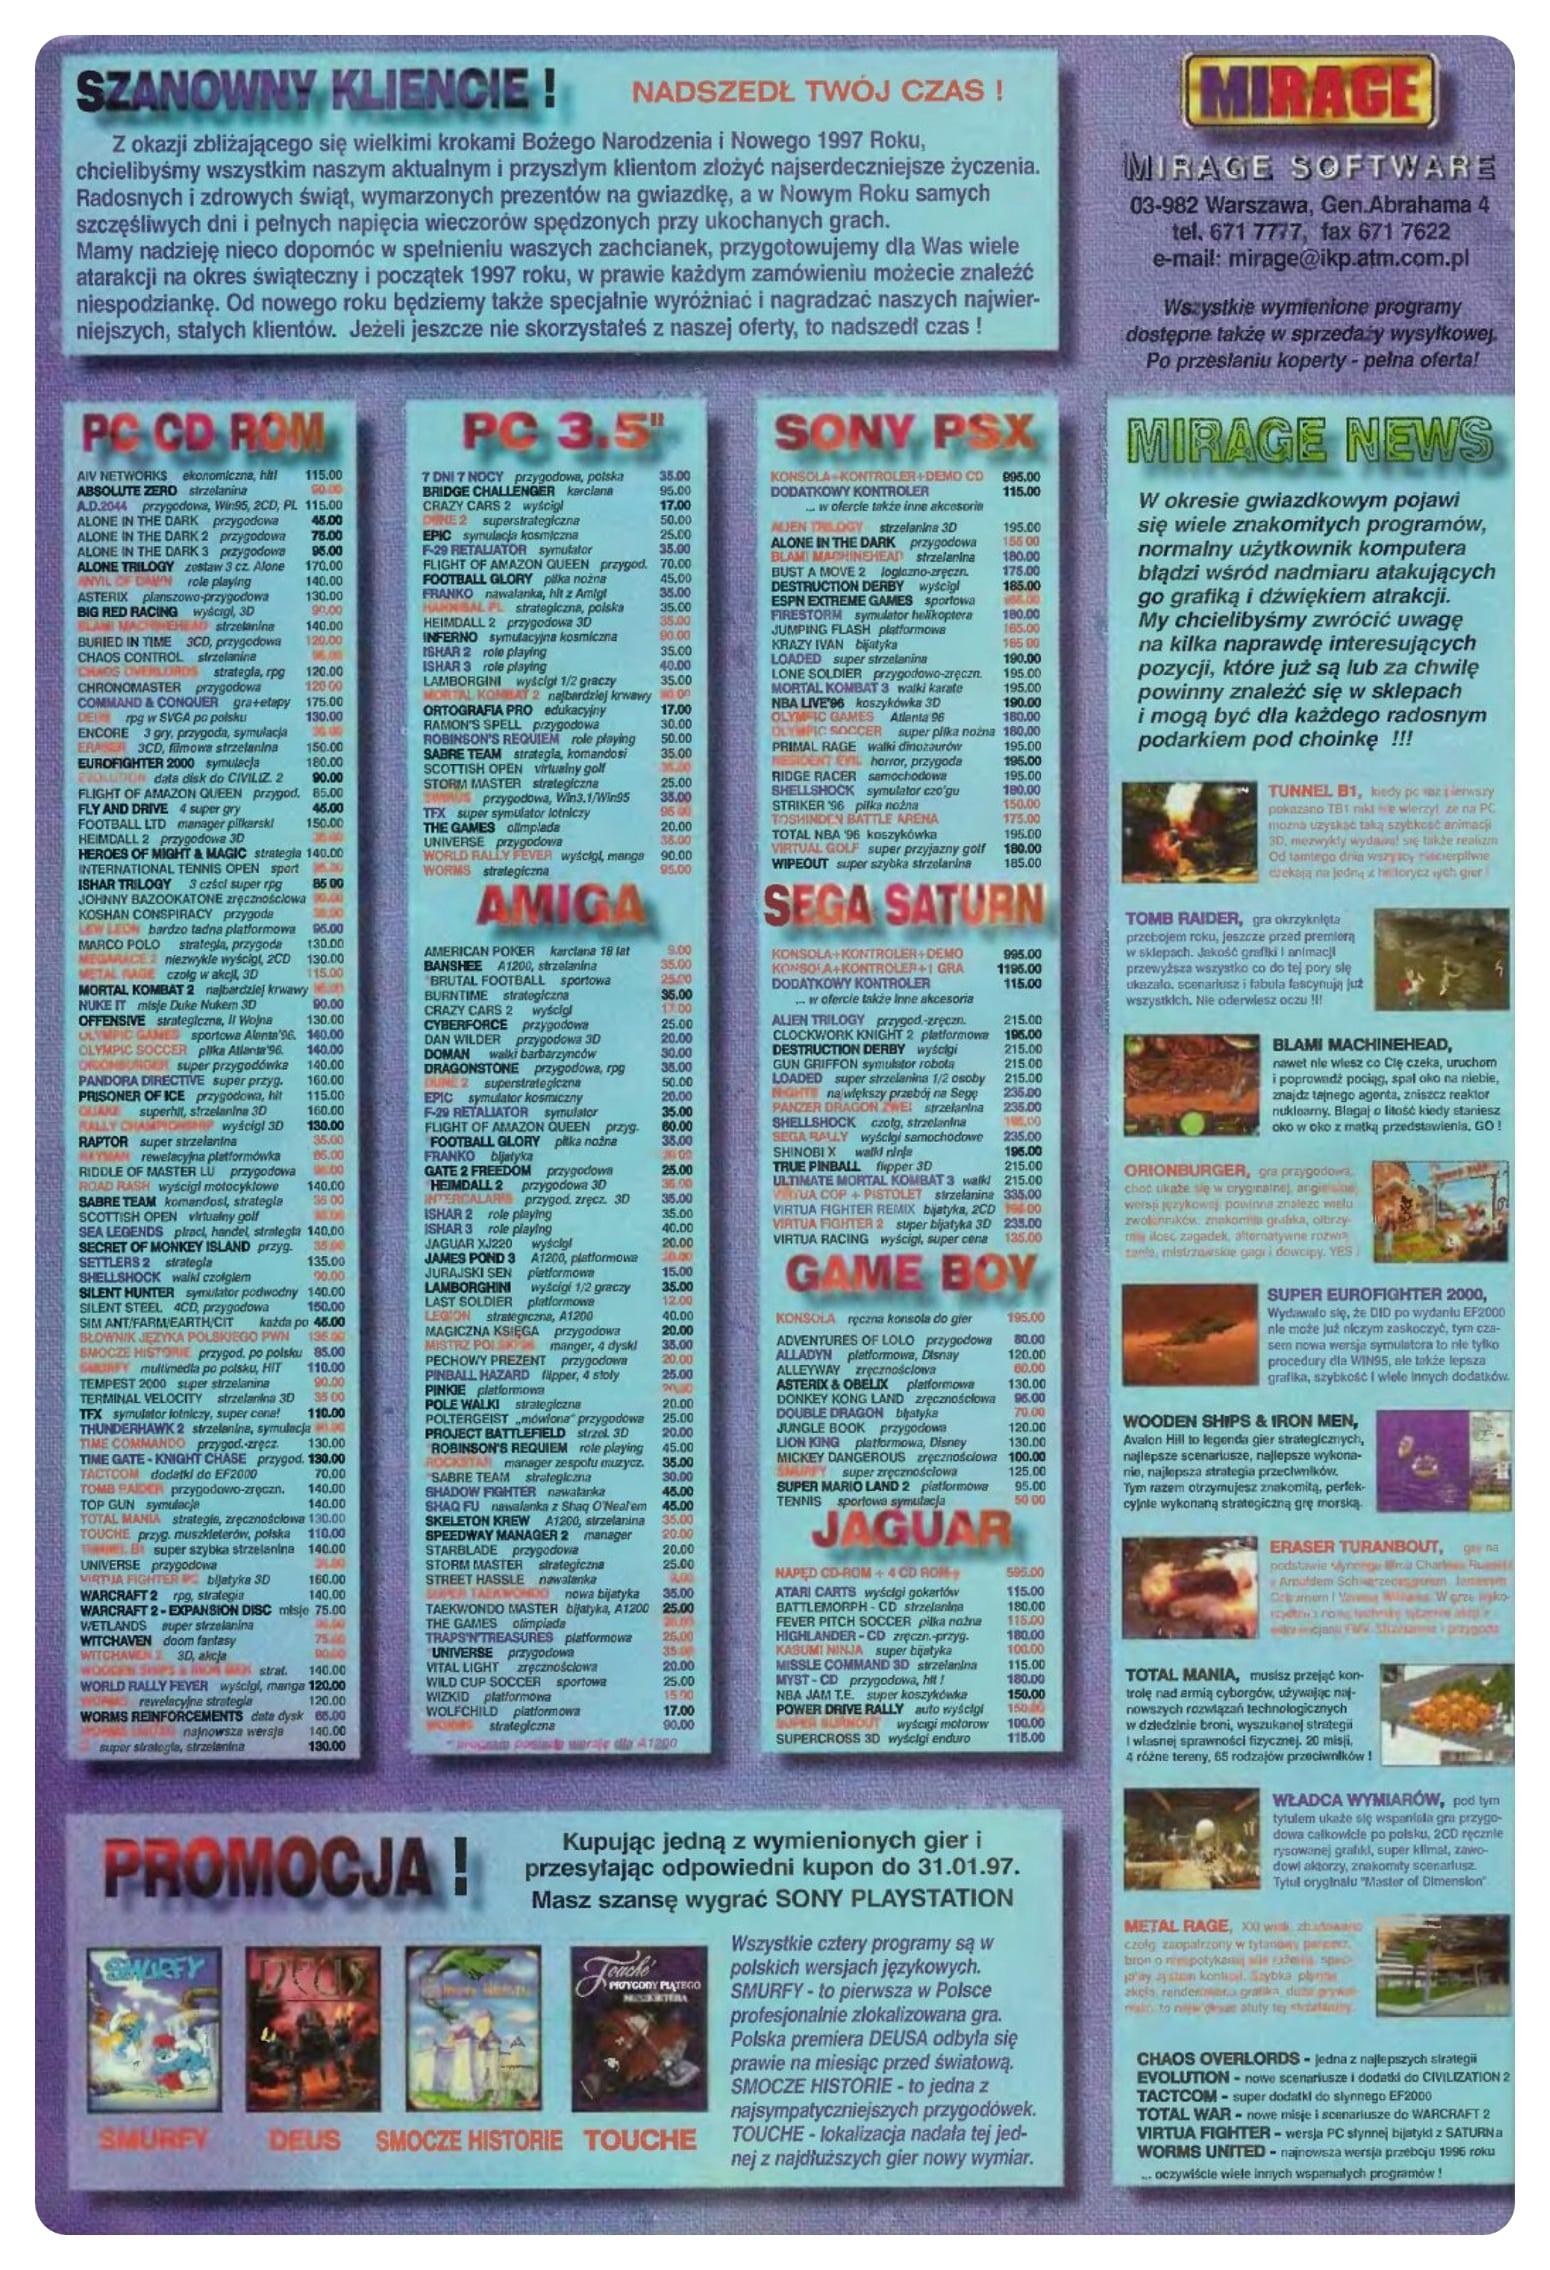 ss 12 grudzien 96 - Jak wyglądały ceny różnych konsol w Polsce w latach 1996-2006?